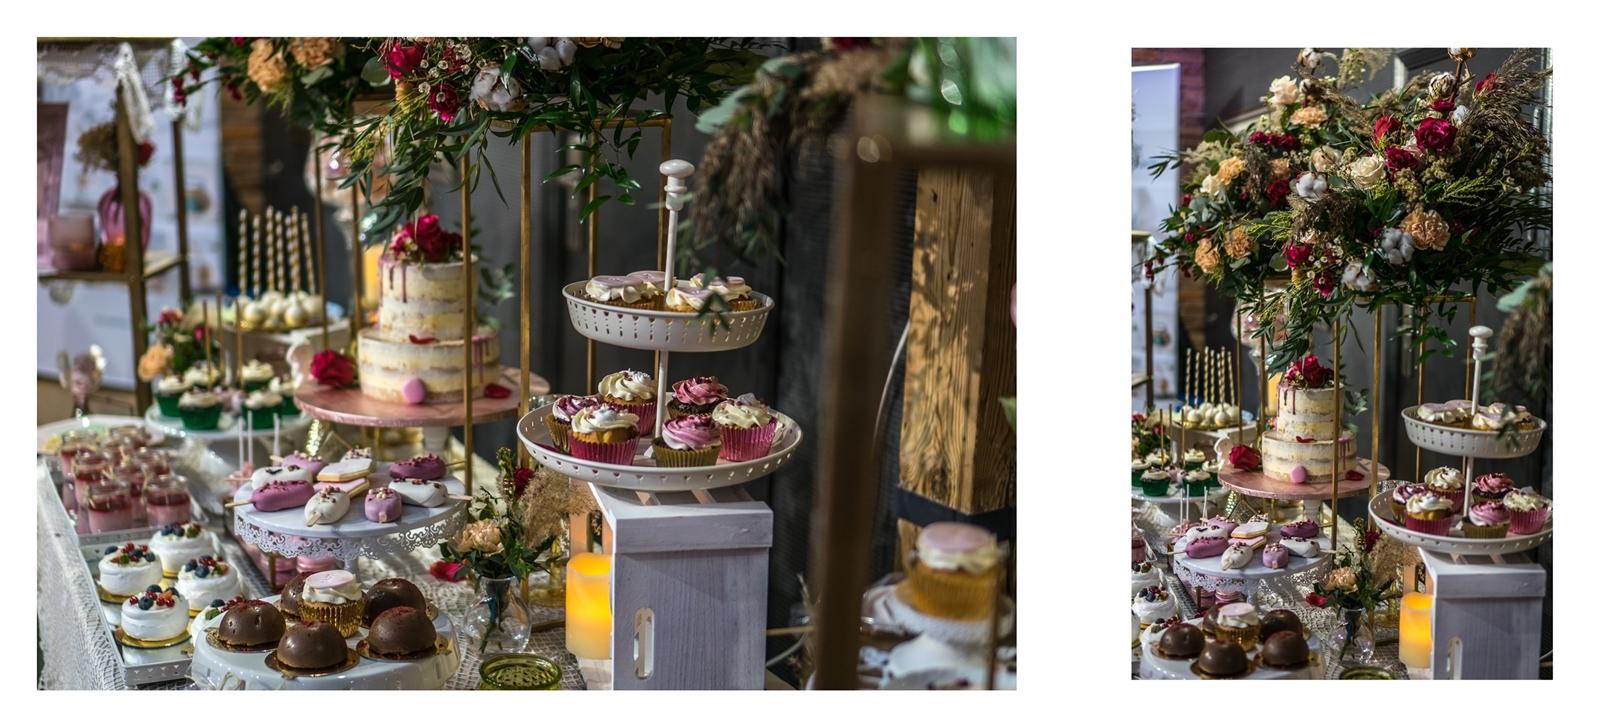 11 ajem foto OFF WEDDING - Alternatywne Targi ślubne papeteria. biżuteria ślubna, dodatki ślubne, boho dekoracje , kwiaty na ślub i wesele, warszawa, łódź, romantczne, naturalne, nietypowe papeterie ślub